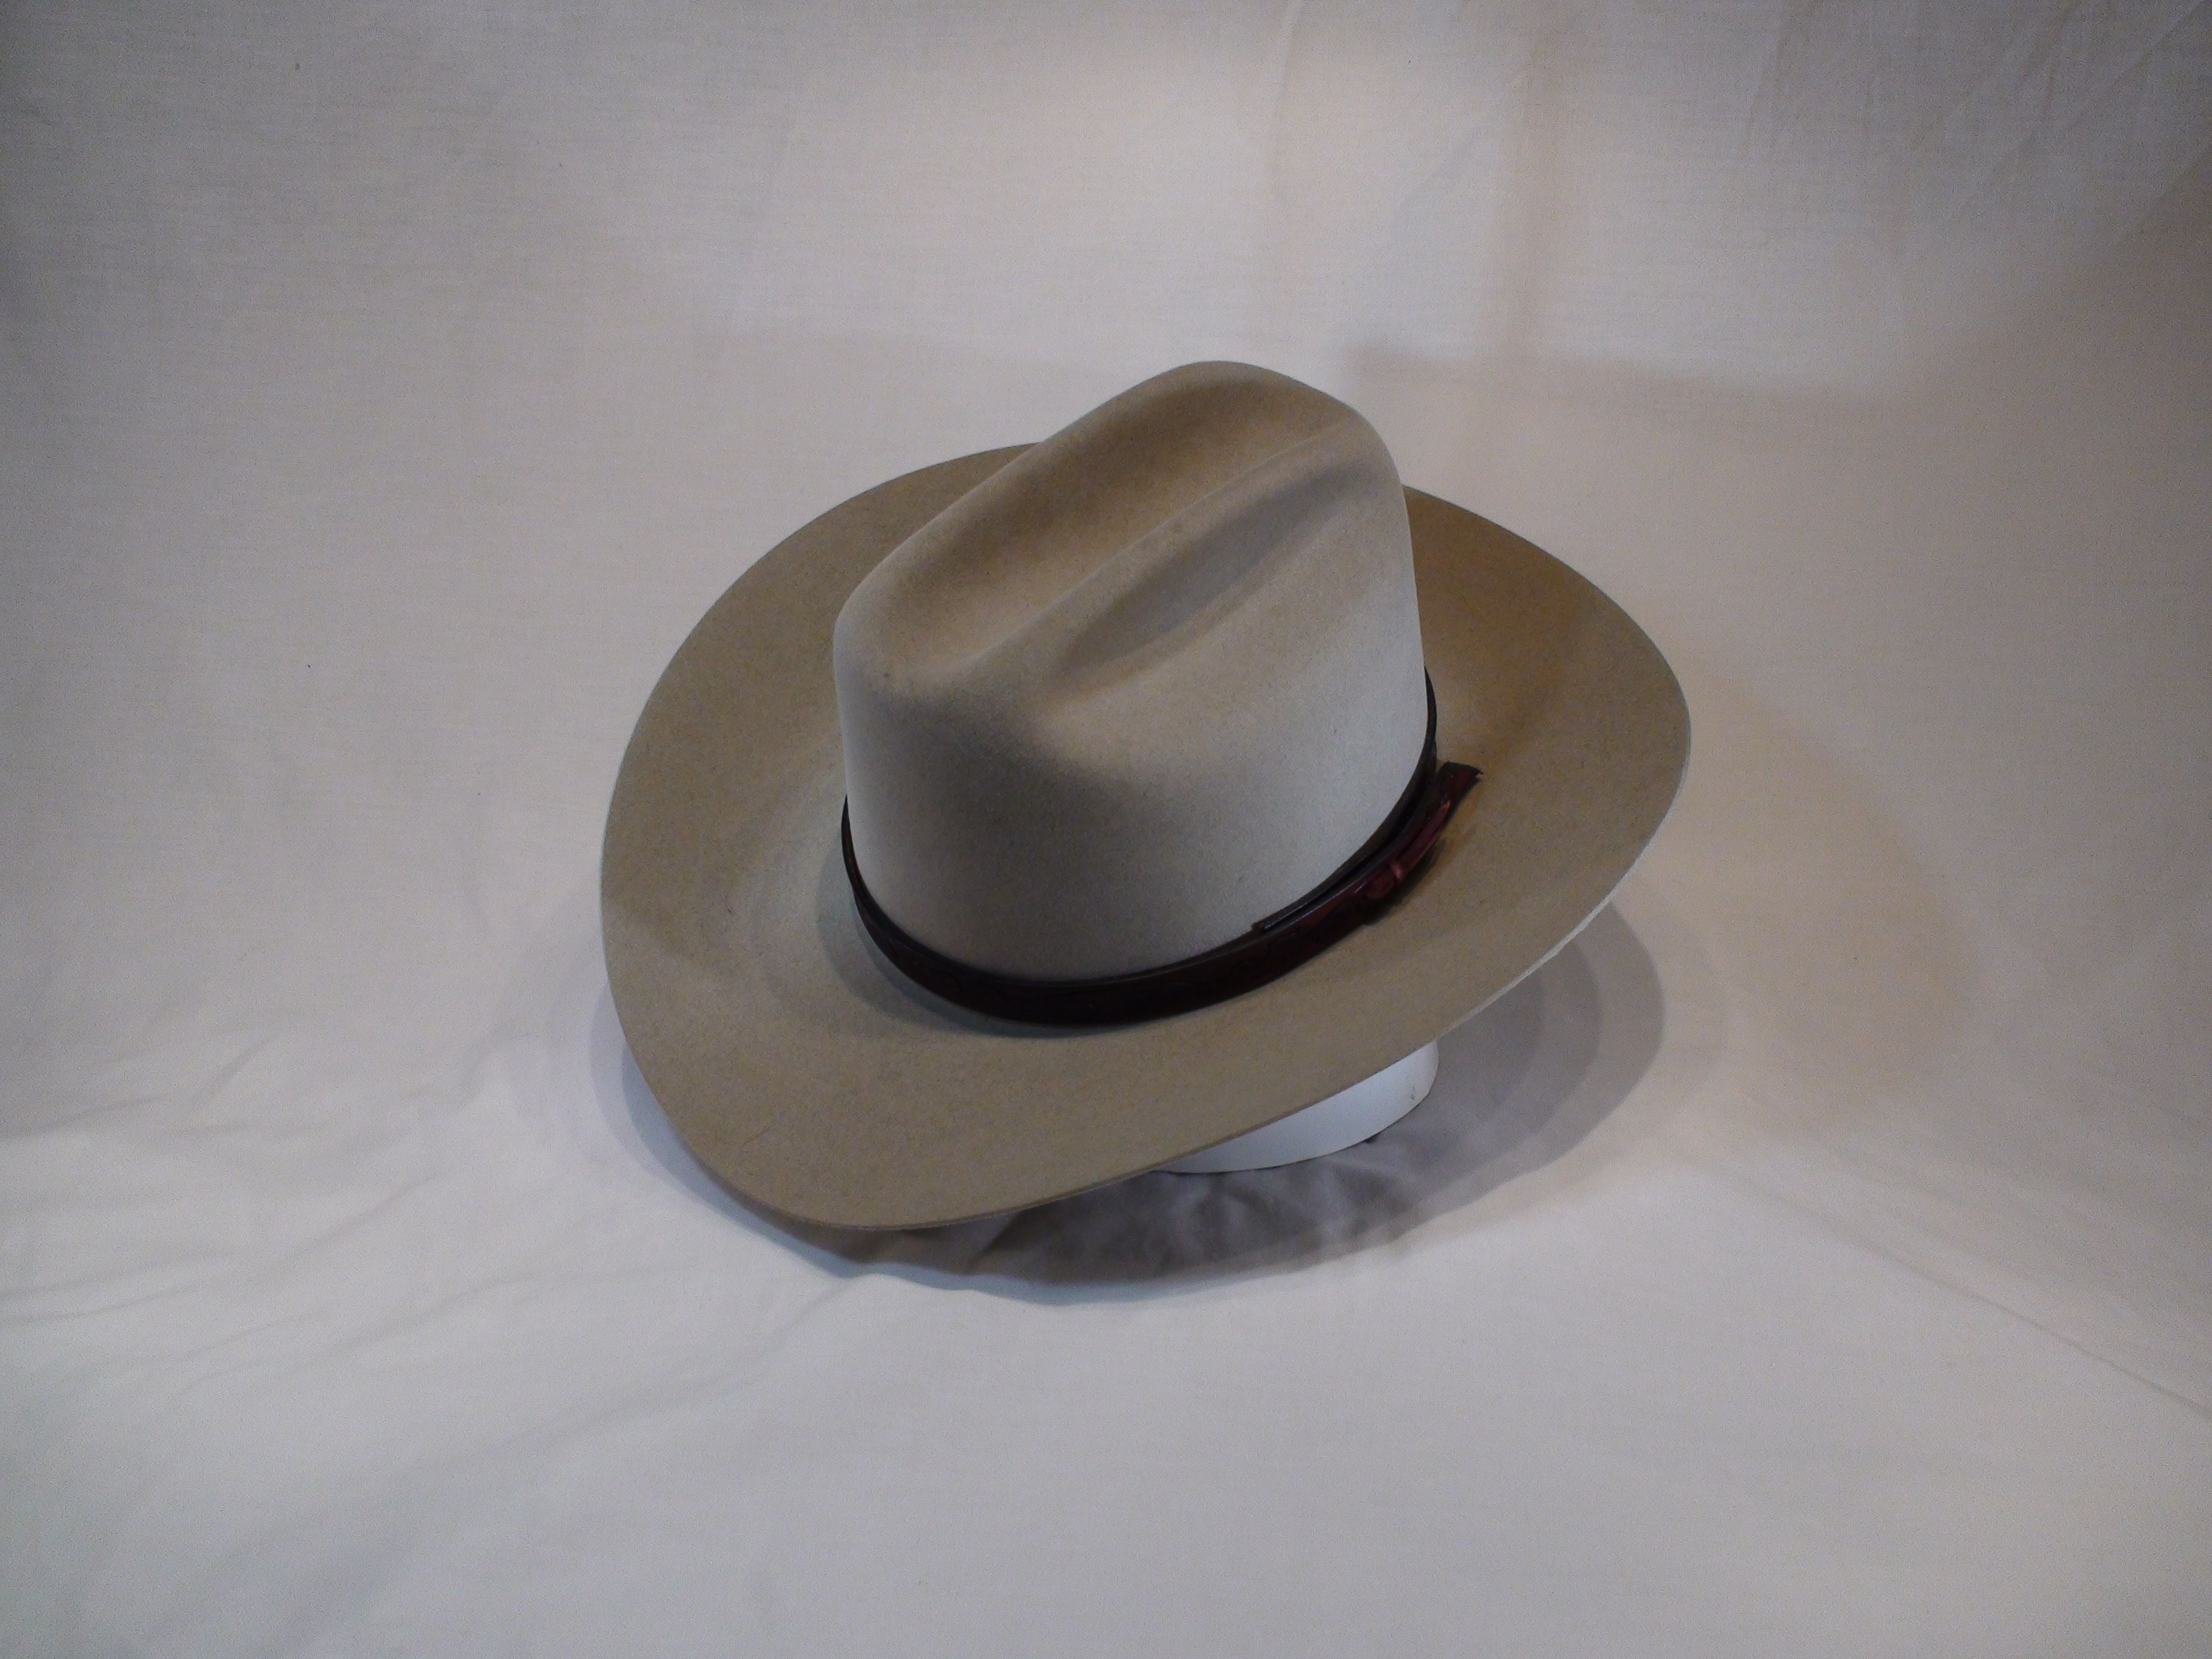 Stetson Cowboy Hats 4x Beaver 790e5e361a7